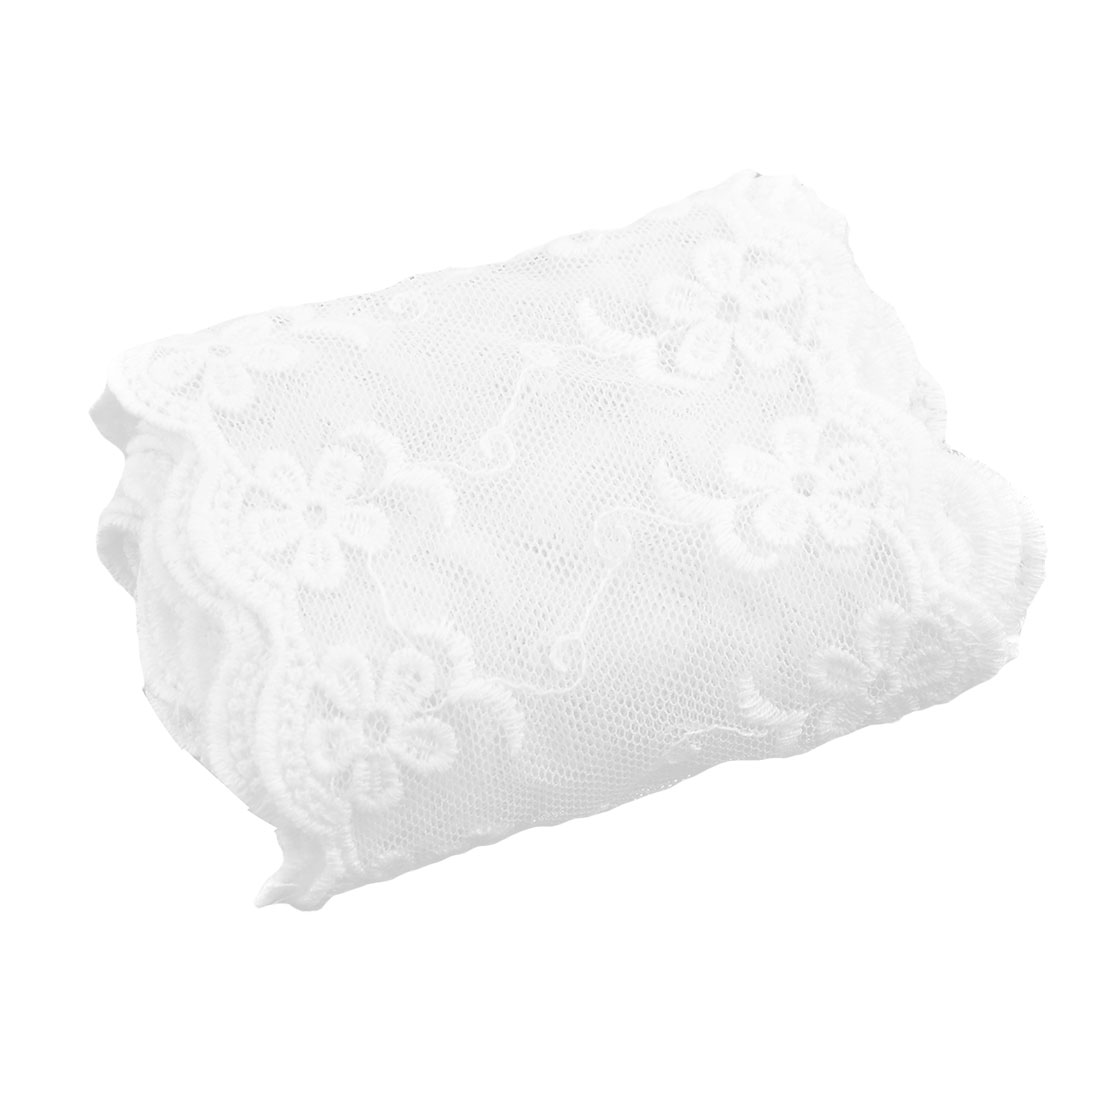 Family Cotton Blends Floral Decor Jacket Scarf Lace Trim Applique 3.1 Inches Width